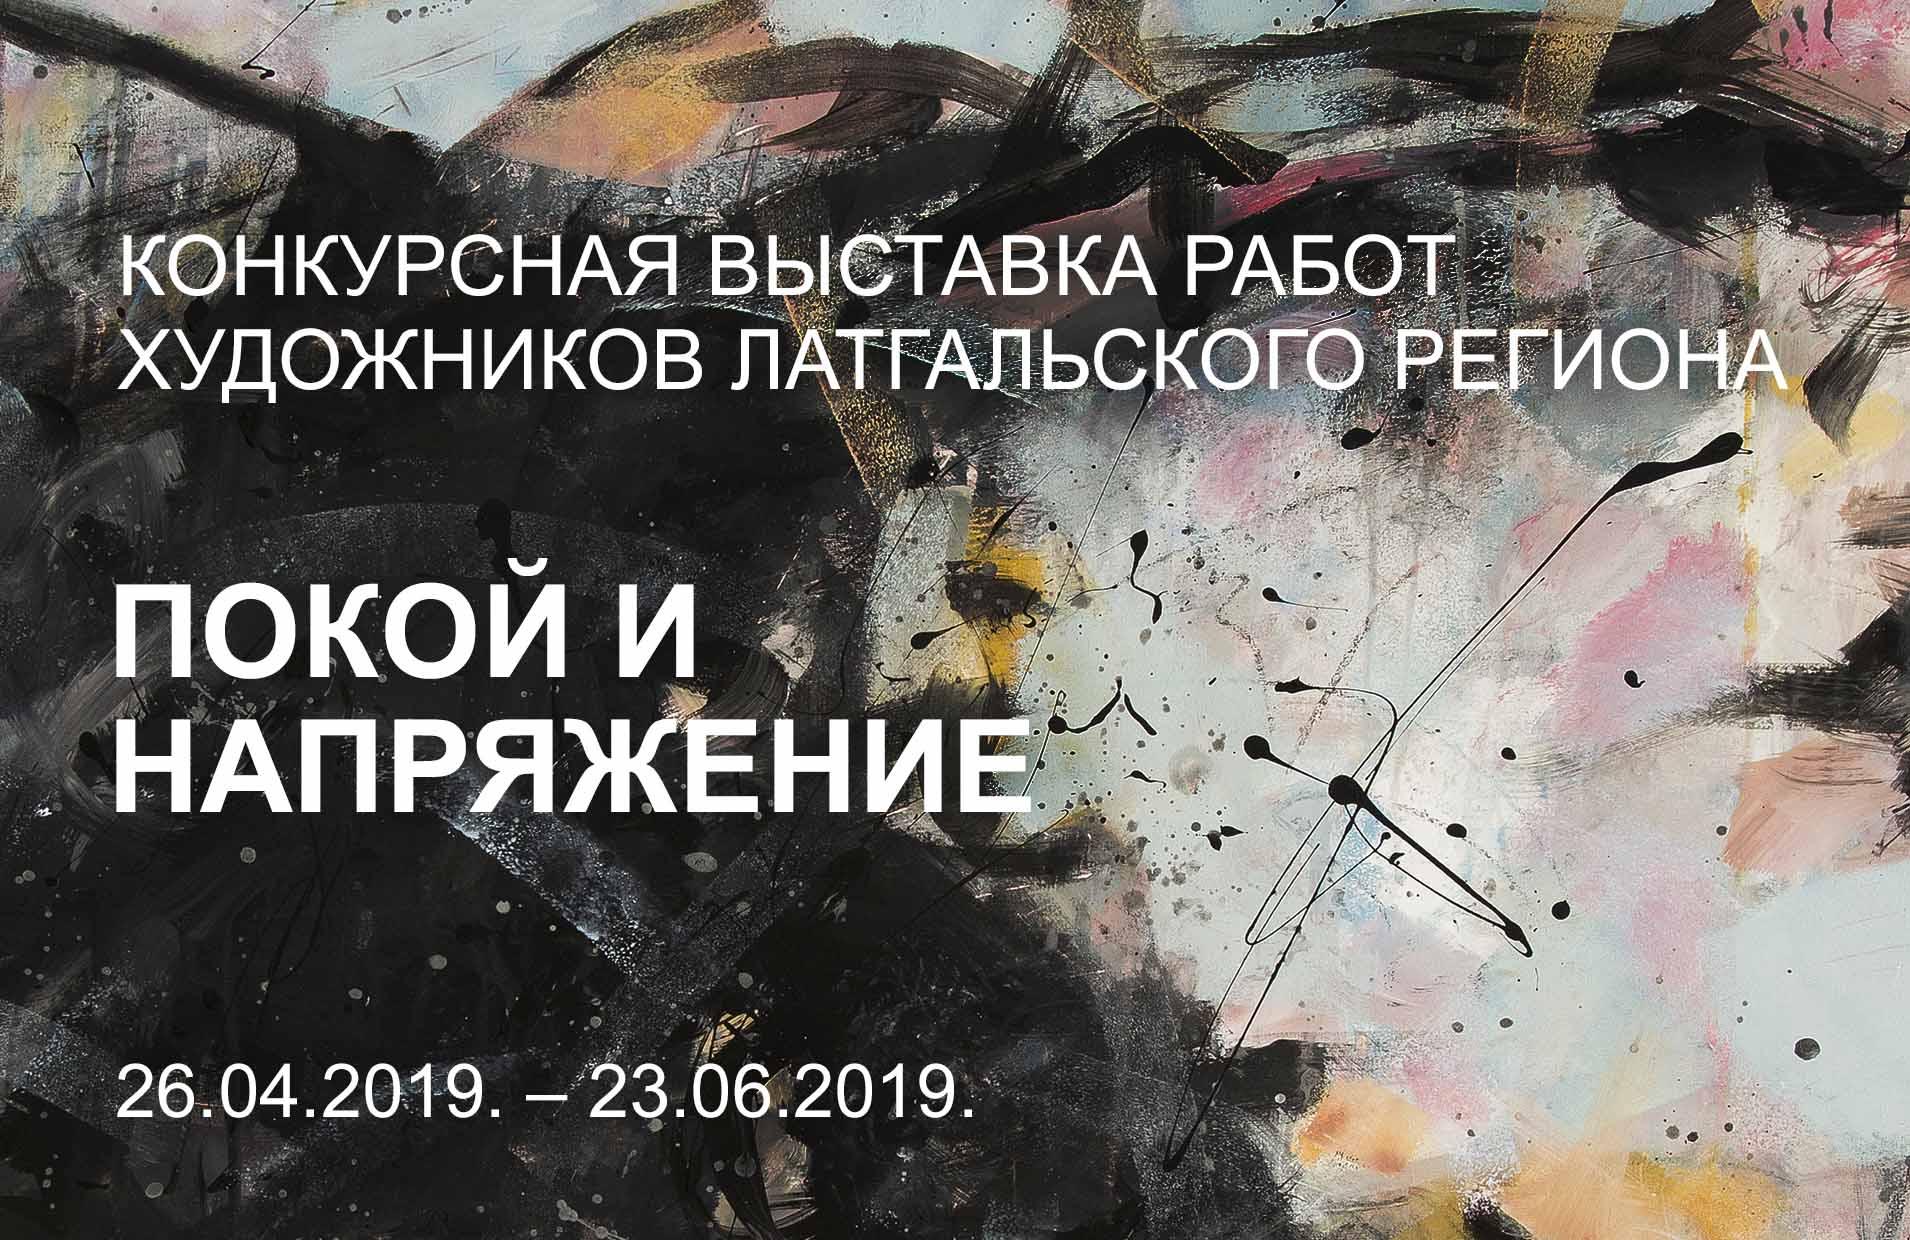 ПОКОЙ И НАПРЯЖЕНИЕ: выставка конкурсных работ художников Латгальского региона